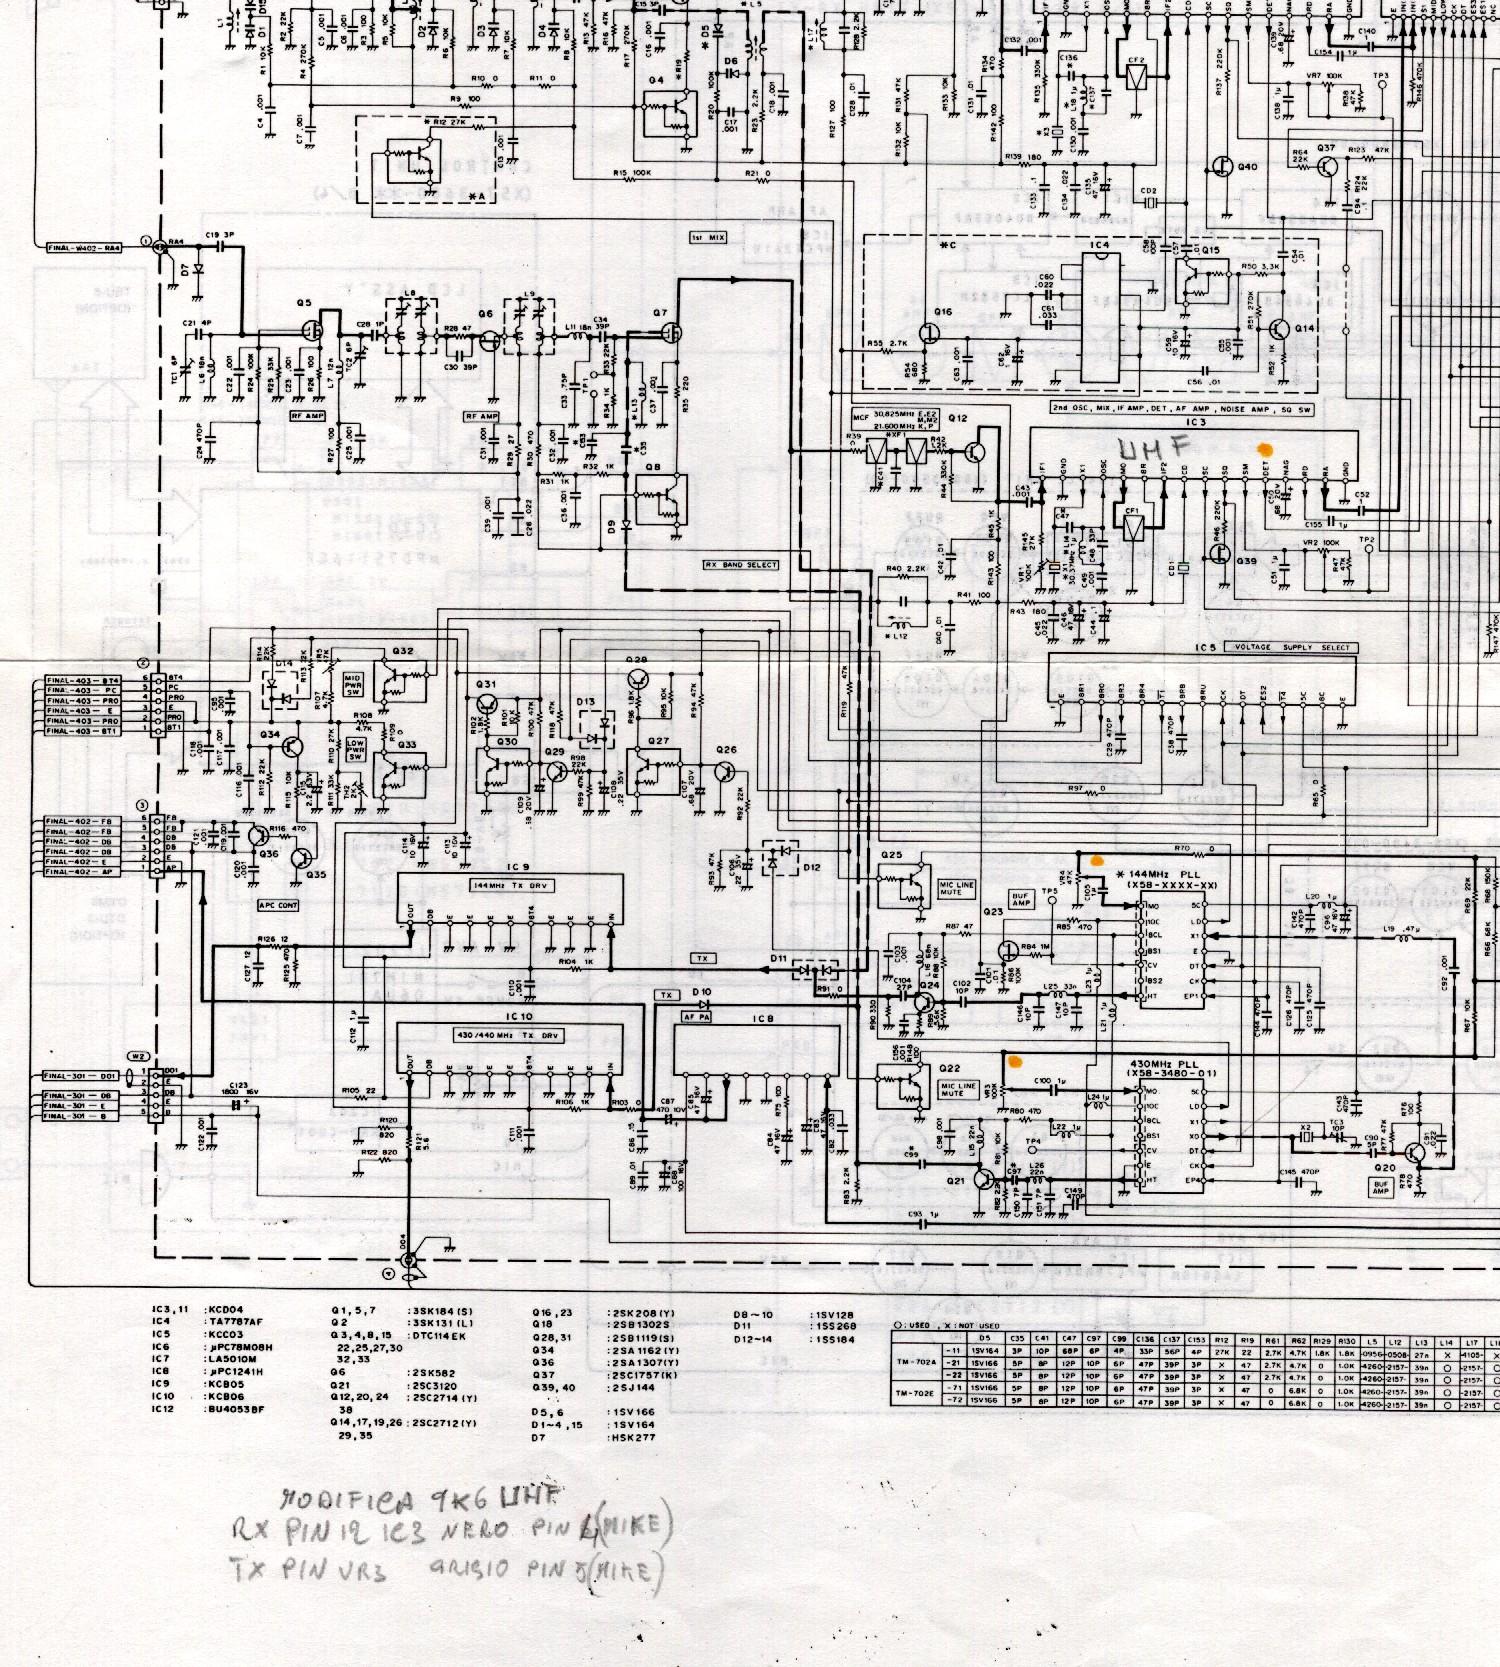 WRG-6273] Midland Cb Mic Wiring Diagram on